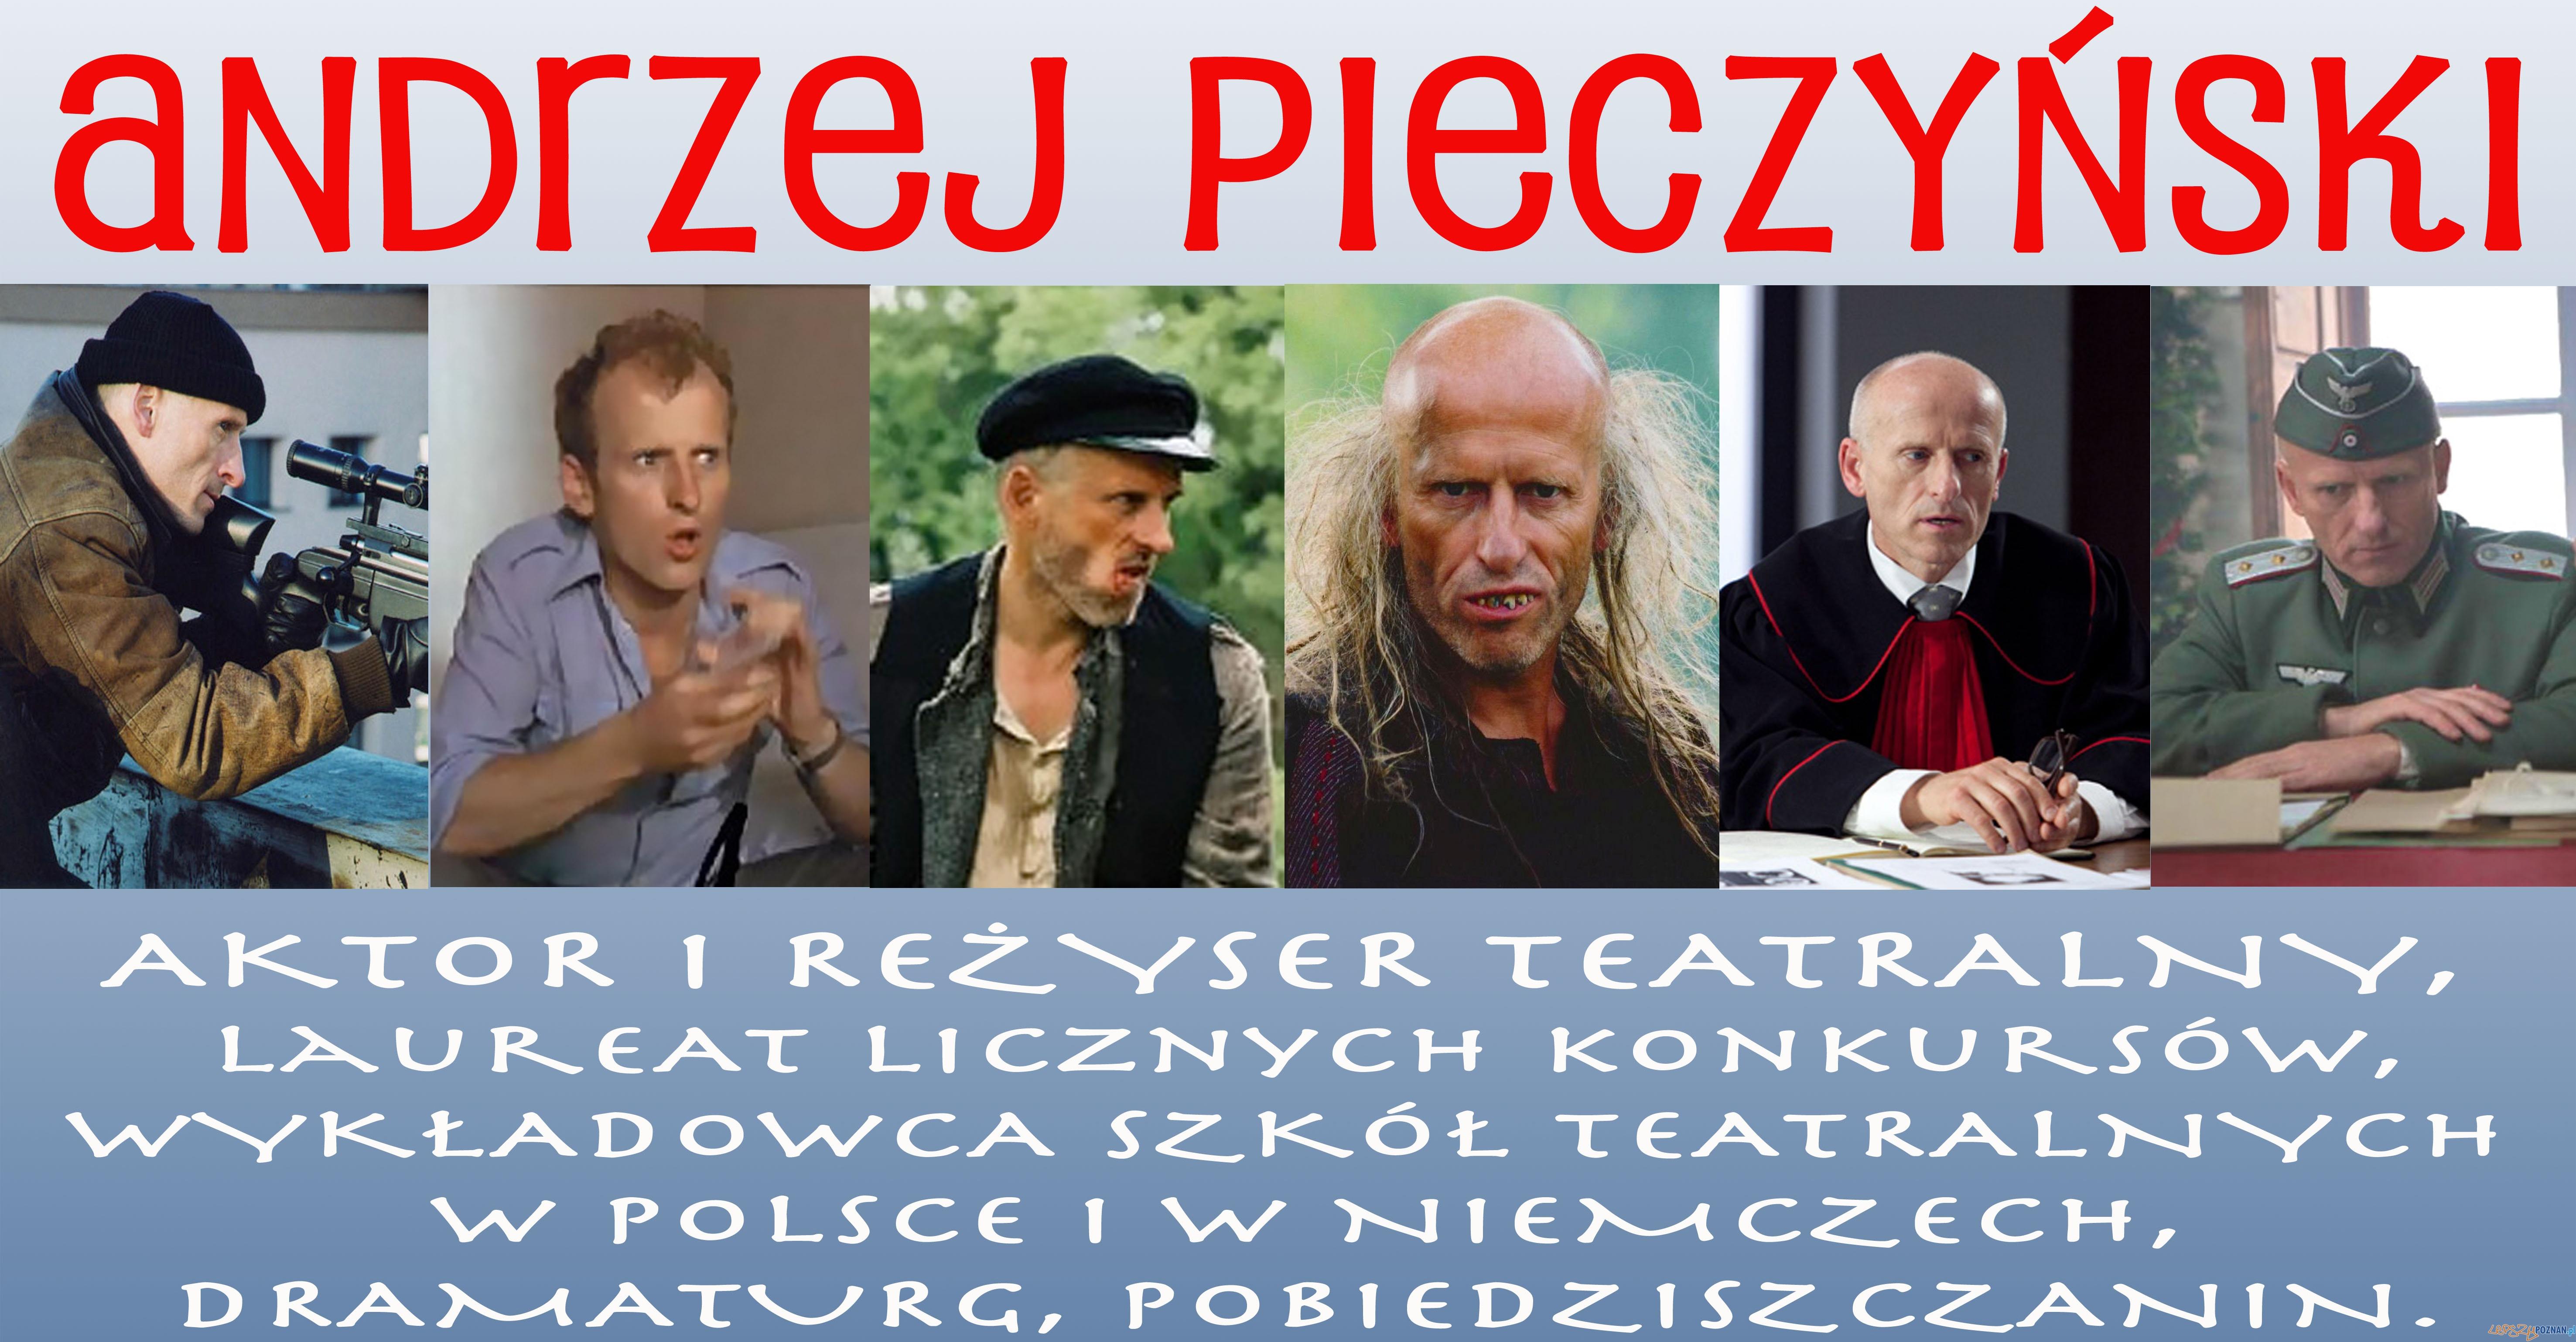 Laboratorium Karier w Pobiedziskach z aktorem Andrzejem Pieczyńskim  Foto: Laboratorium Karier w Pobiedziskach z aktorem Andrzejem Pieczyńskim